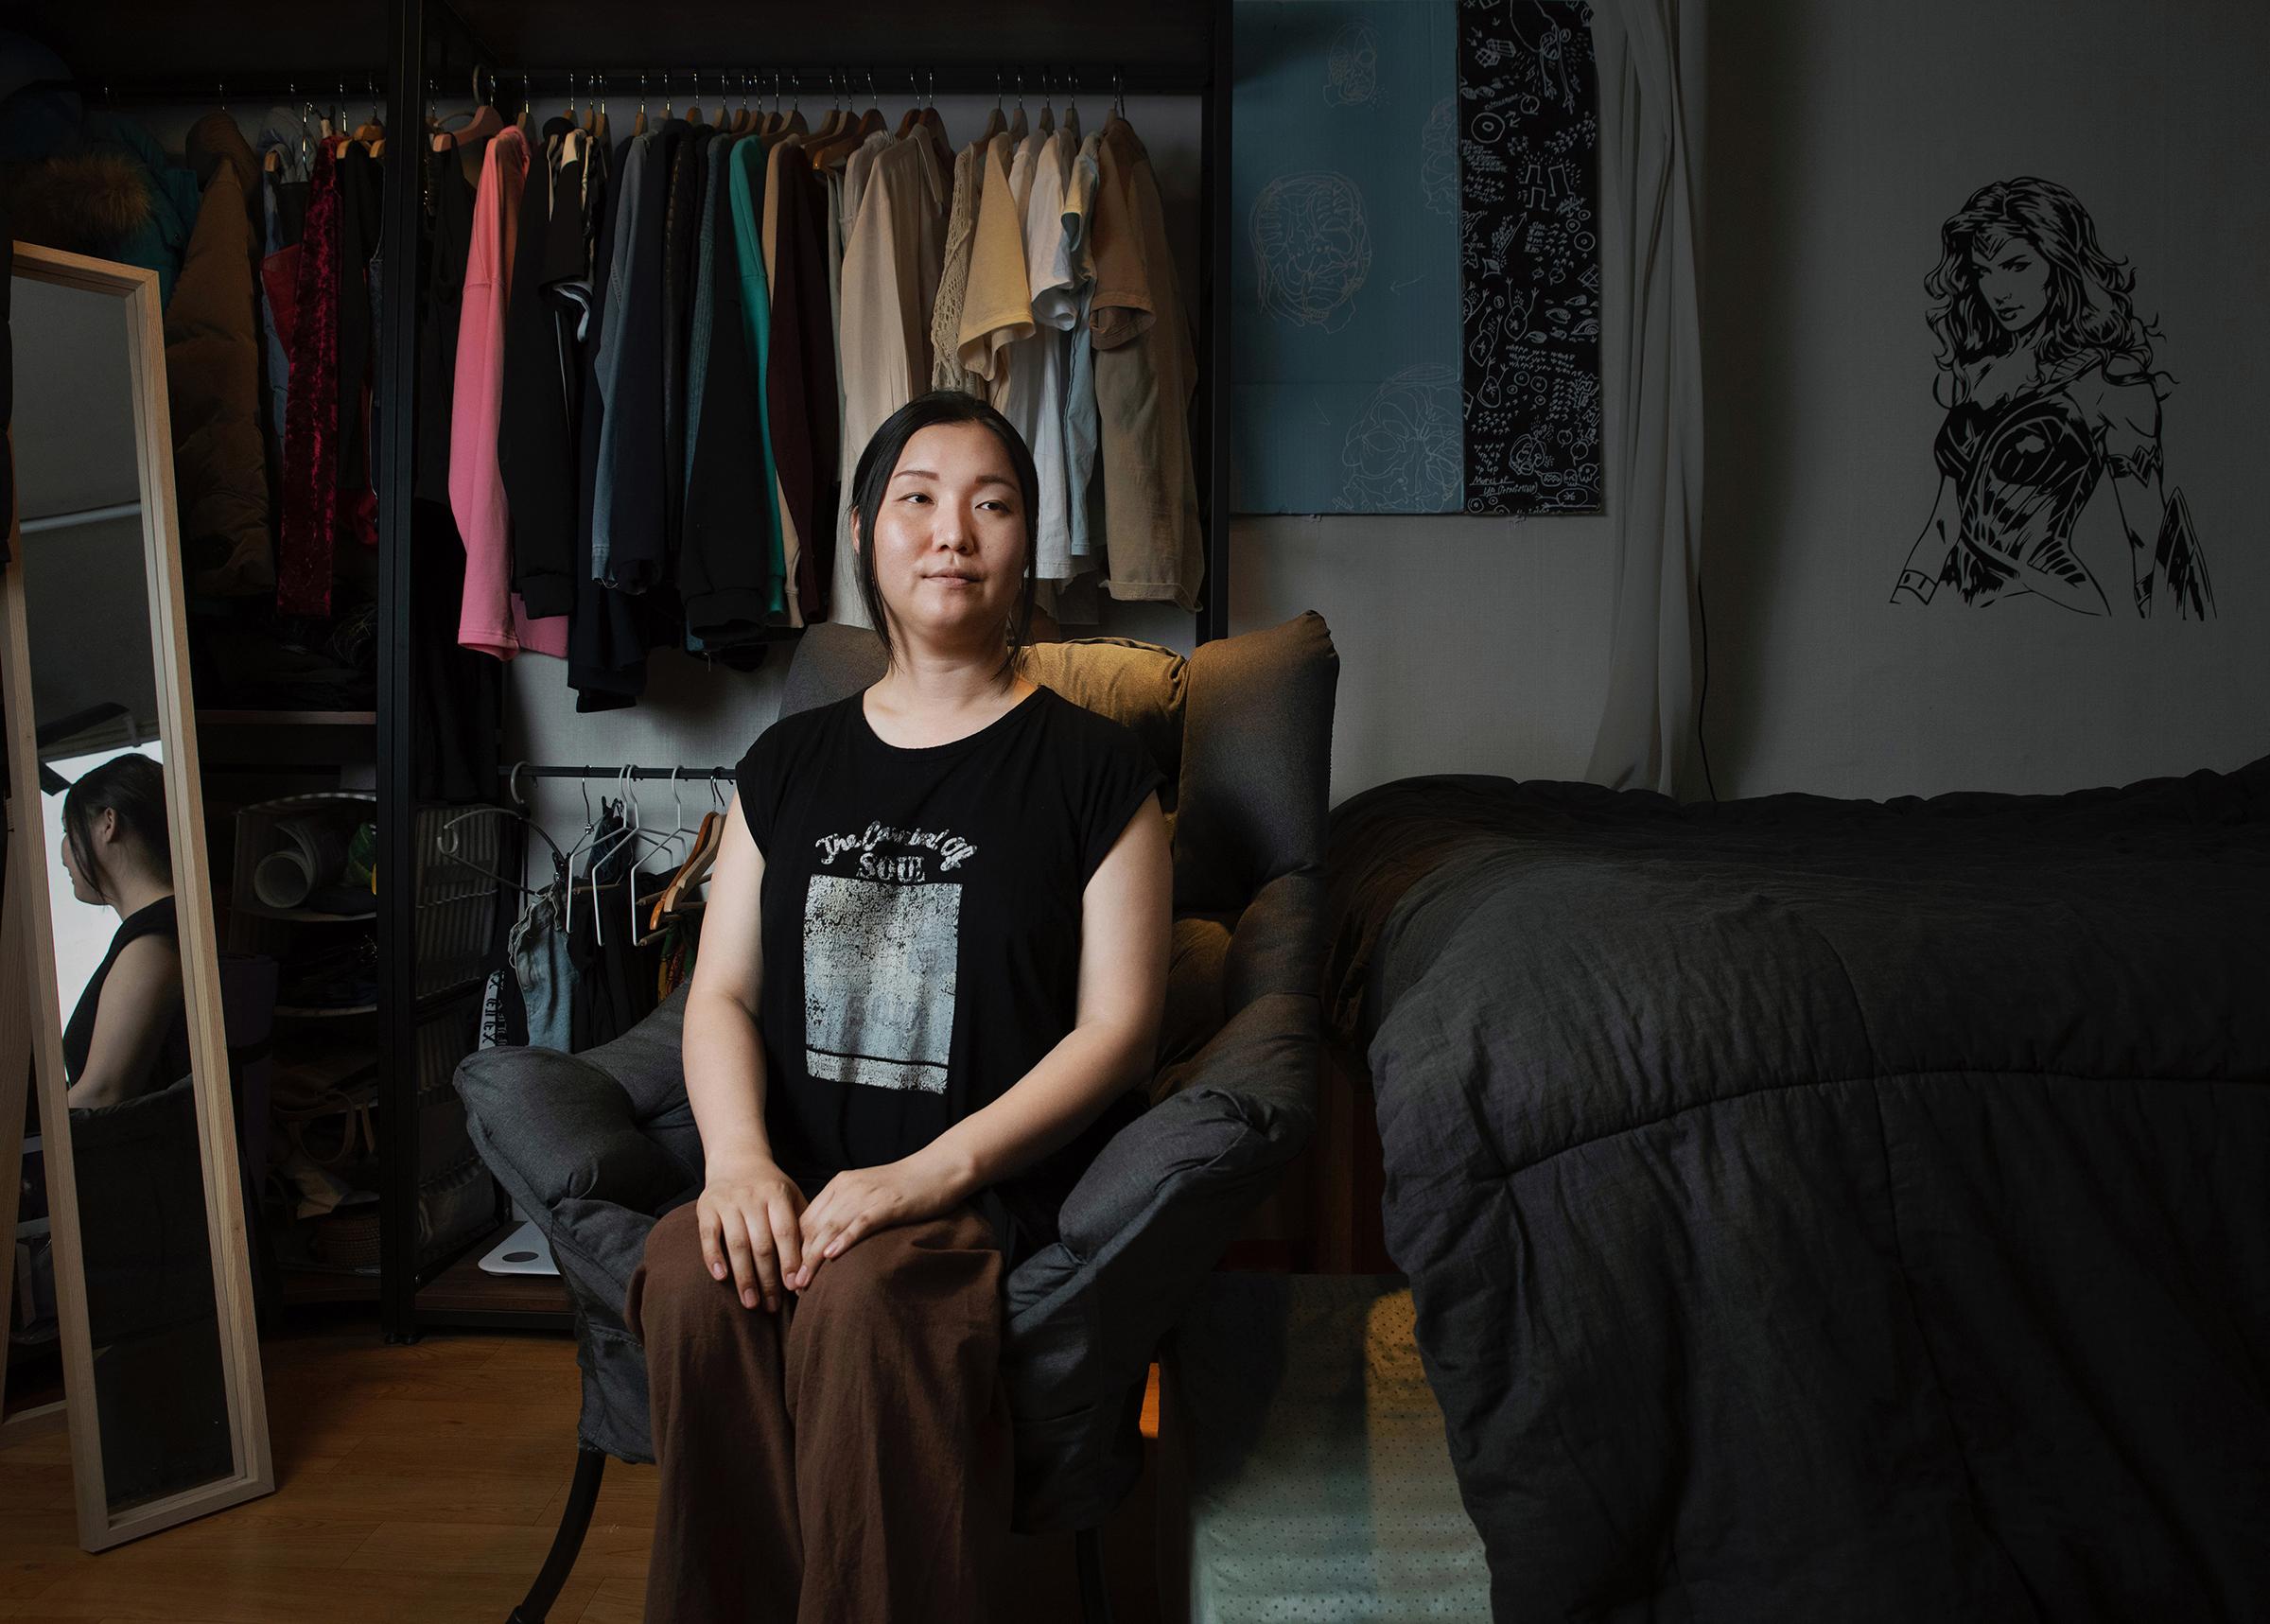 """지난 6월 21일, 이태원 보광동에 있는 자신의 집에서 박에디씨를 만나 이야기를 나눴다. 박씨는 코로나19 판데믹이 시작하기 바로 직전인, 그리고 트랜스젠더 혐오가 한국 사회에 퍼지기 시작한 시점인 2020년 1월부터 이 아파트에 살았다. 변희수 하사의 전역처분과 숙명여자대학교의 트랜스젠더 합격생이 트랜스젠더 혐오적인 분위기에 입학을 포기했던 사건들을 두고 박씨는 """"코로나도 코로나지만 이 한국사회에 트랜스젠더 혐오가 장난 아니었어요"""" 라고 회상한다. """"성별 정정이 됐는데도 불구하고 학교를 갈 수 없는? 한 트랜스젠더 여군은 가겠다고 하니 오지말라 그러고… 어쩌라는건지 모르겠어요."""" 라며 박씨는 이렇게 기본적인 권리조차 지켜주지 않는 환경이 자신을 좌절하게끔 만들었다 하였다. """"저는 2개월간 다섯 번의 장례식을 간거에요. 왜 상처 나면 약바르고 딱지가 지잖아요. 딱지가 지고나서 벗겨지면 흉터가 남는데. 지금 딱 딱지 과정인 것 같아요. 그리고 내 집이 저에게는 [상처를 돌볼 수 있는] 안전한 곳이죠."""""""